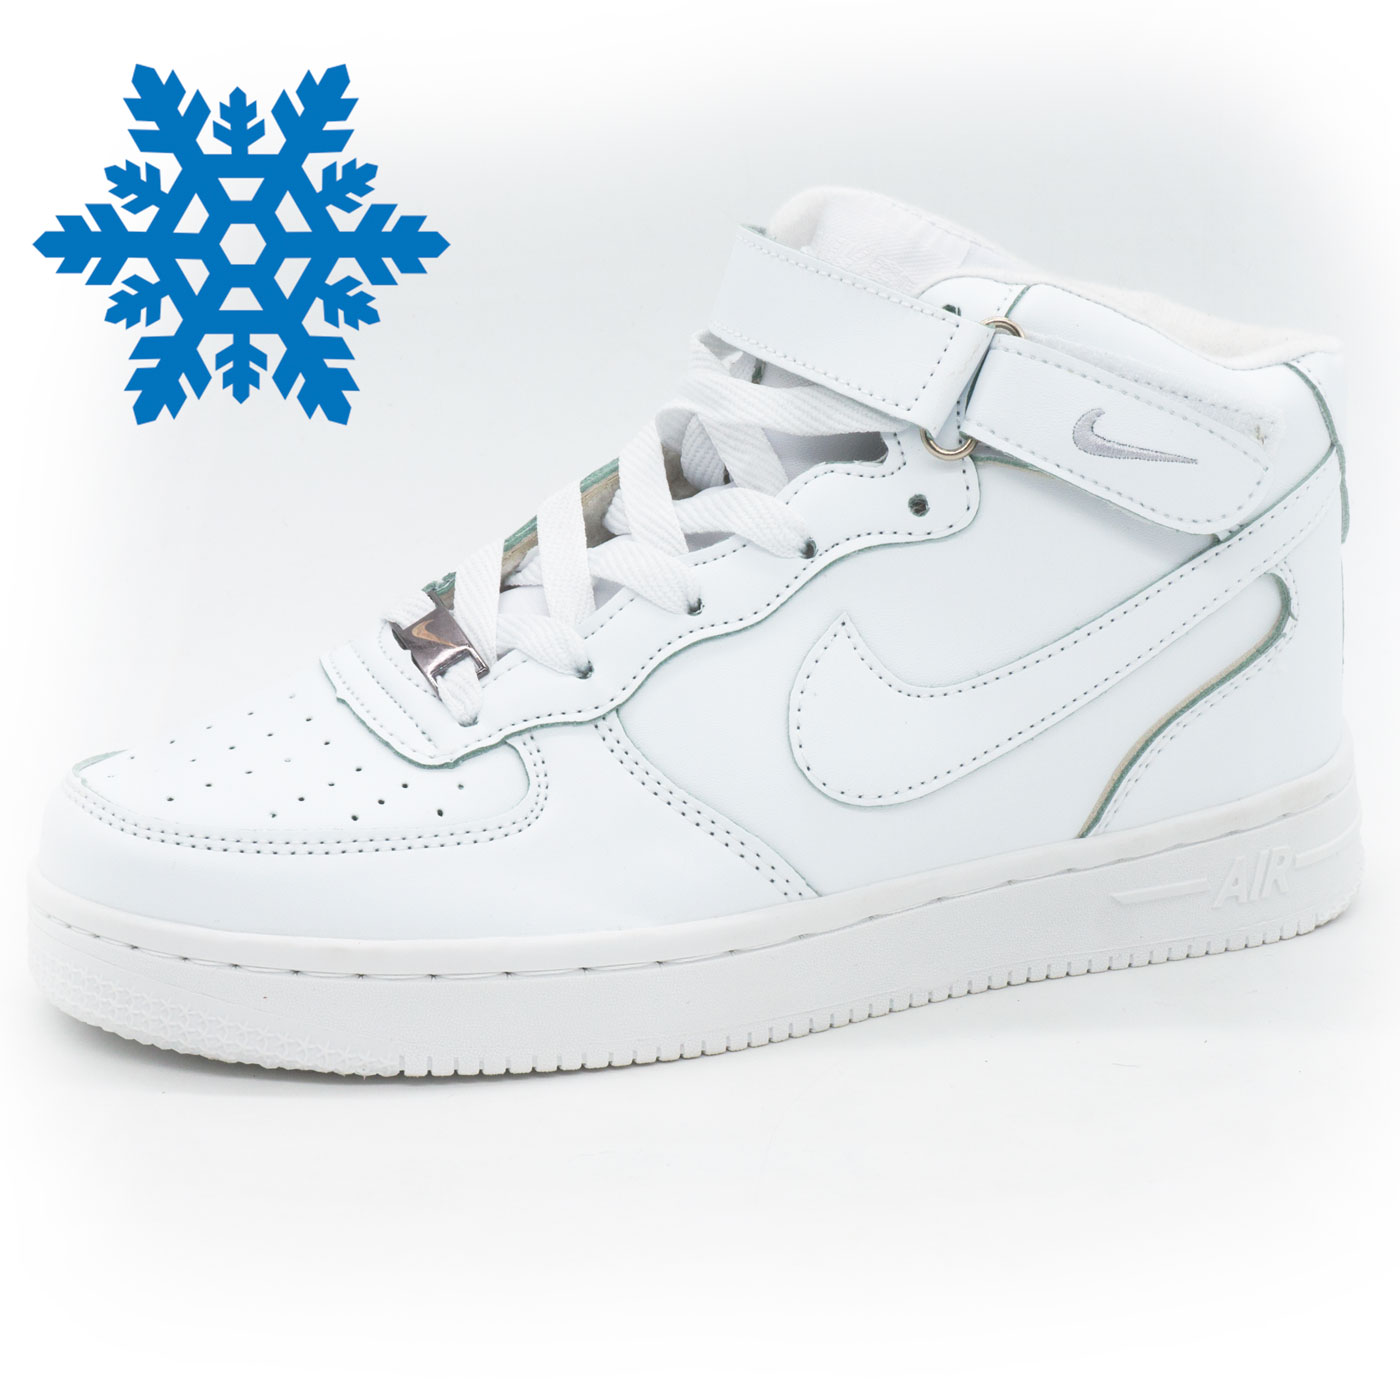 фото main Зимние высокие белые кроссовки Nike Air Force  main